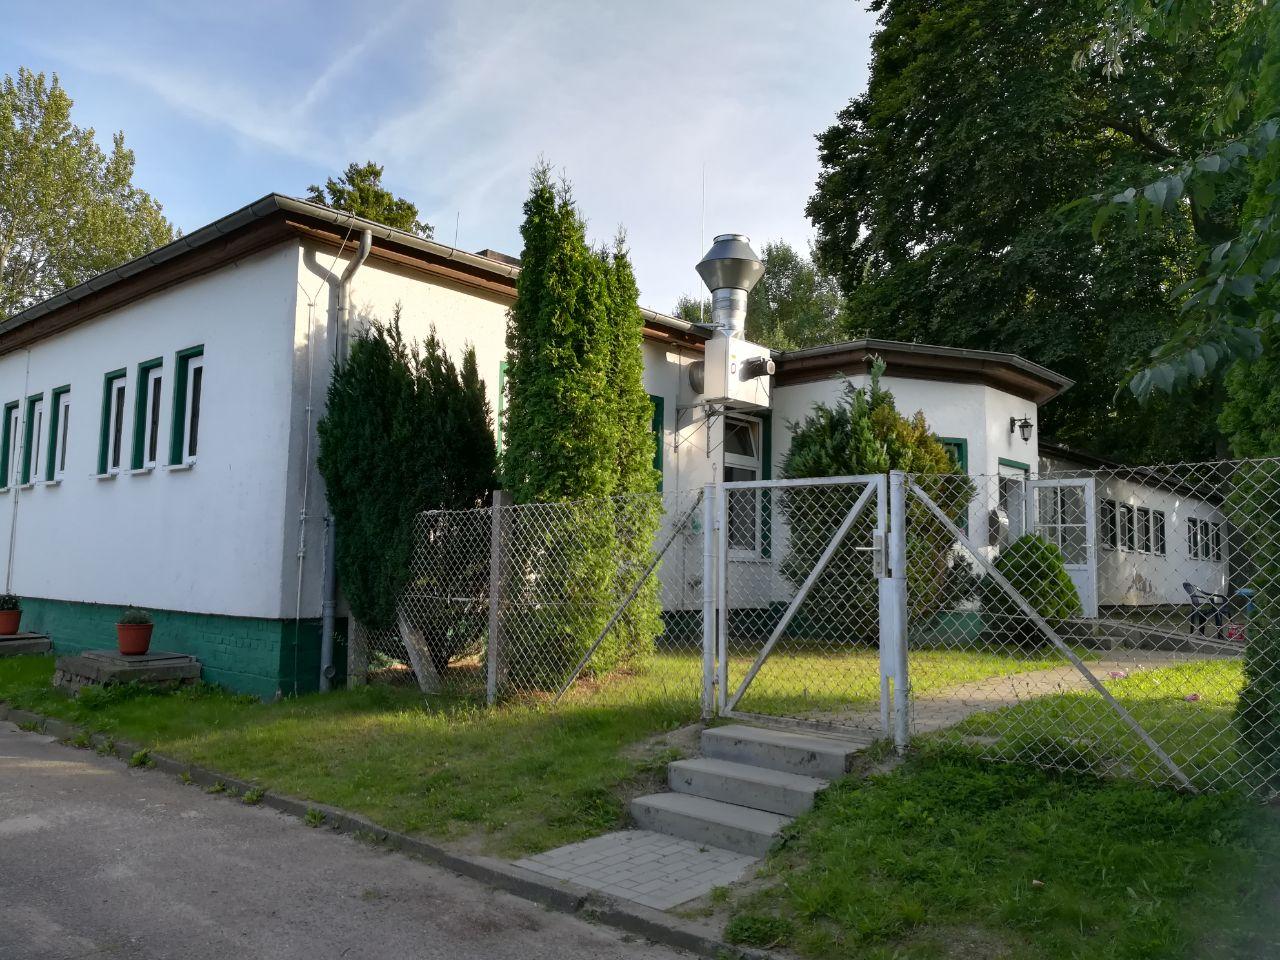 Die ehemalige Fischwerk-Wochenkrippe in Sassnitz (c) Regina Schulze